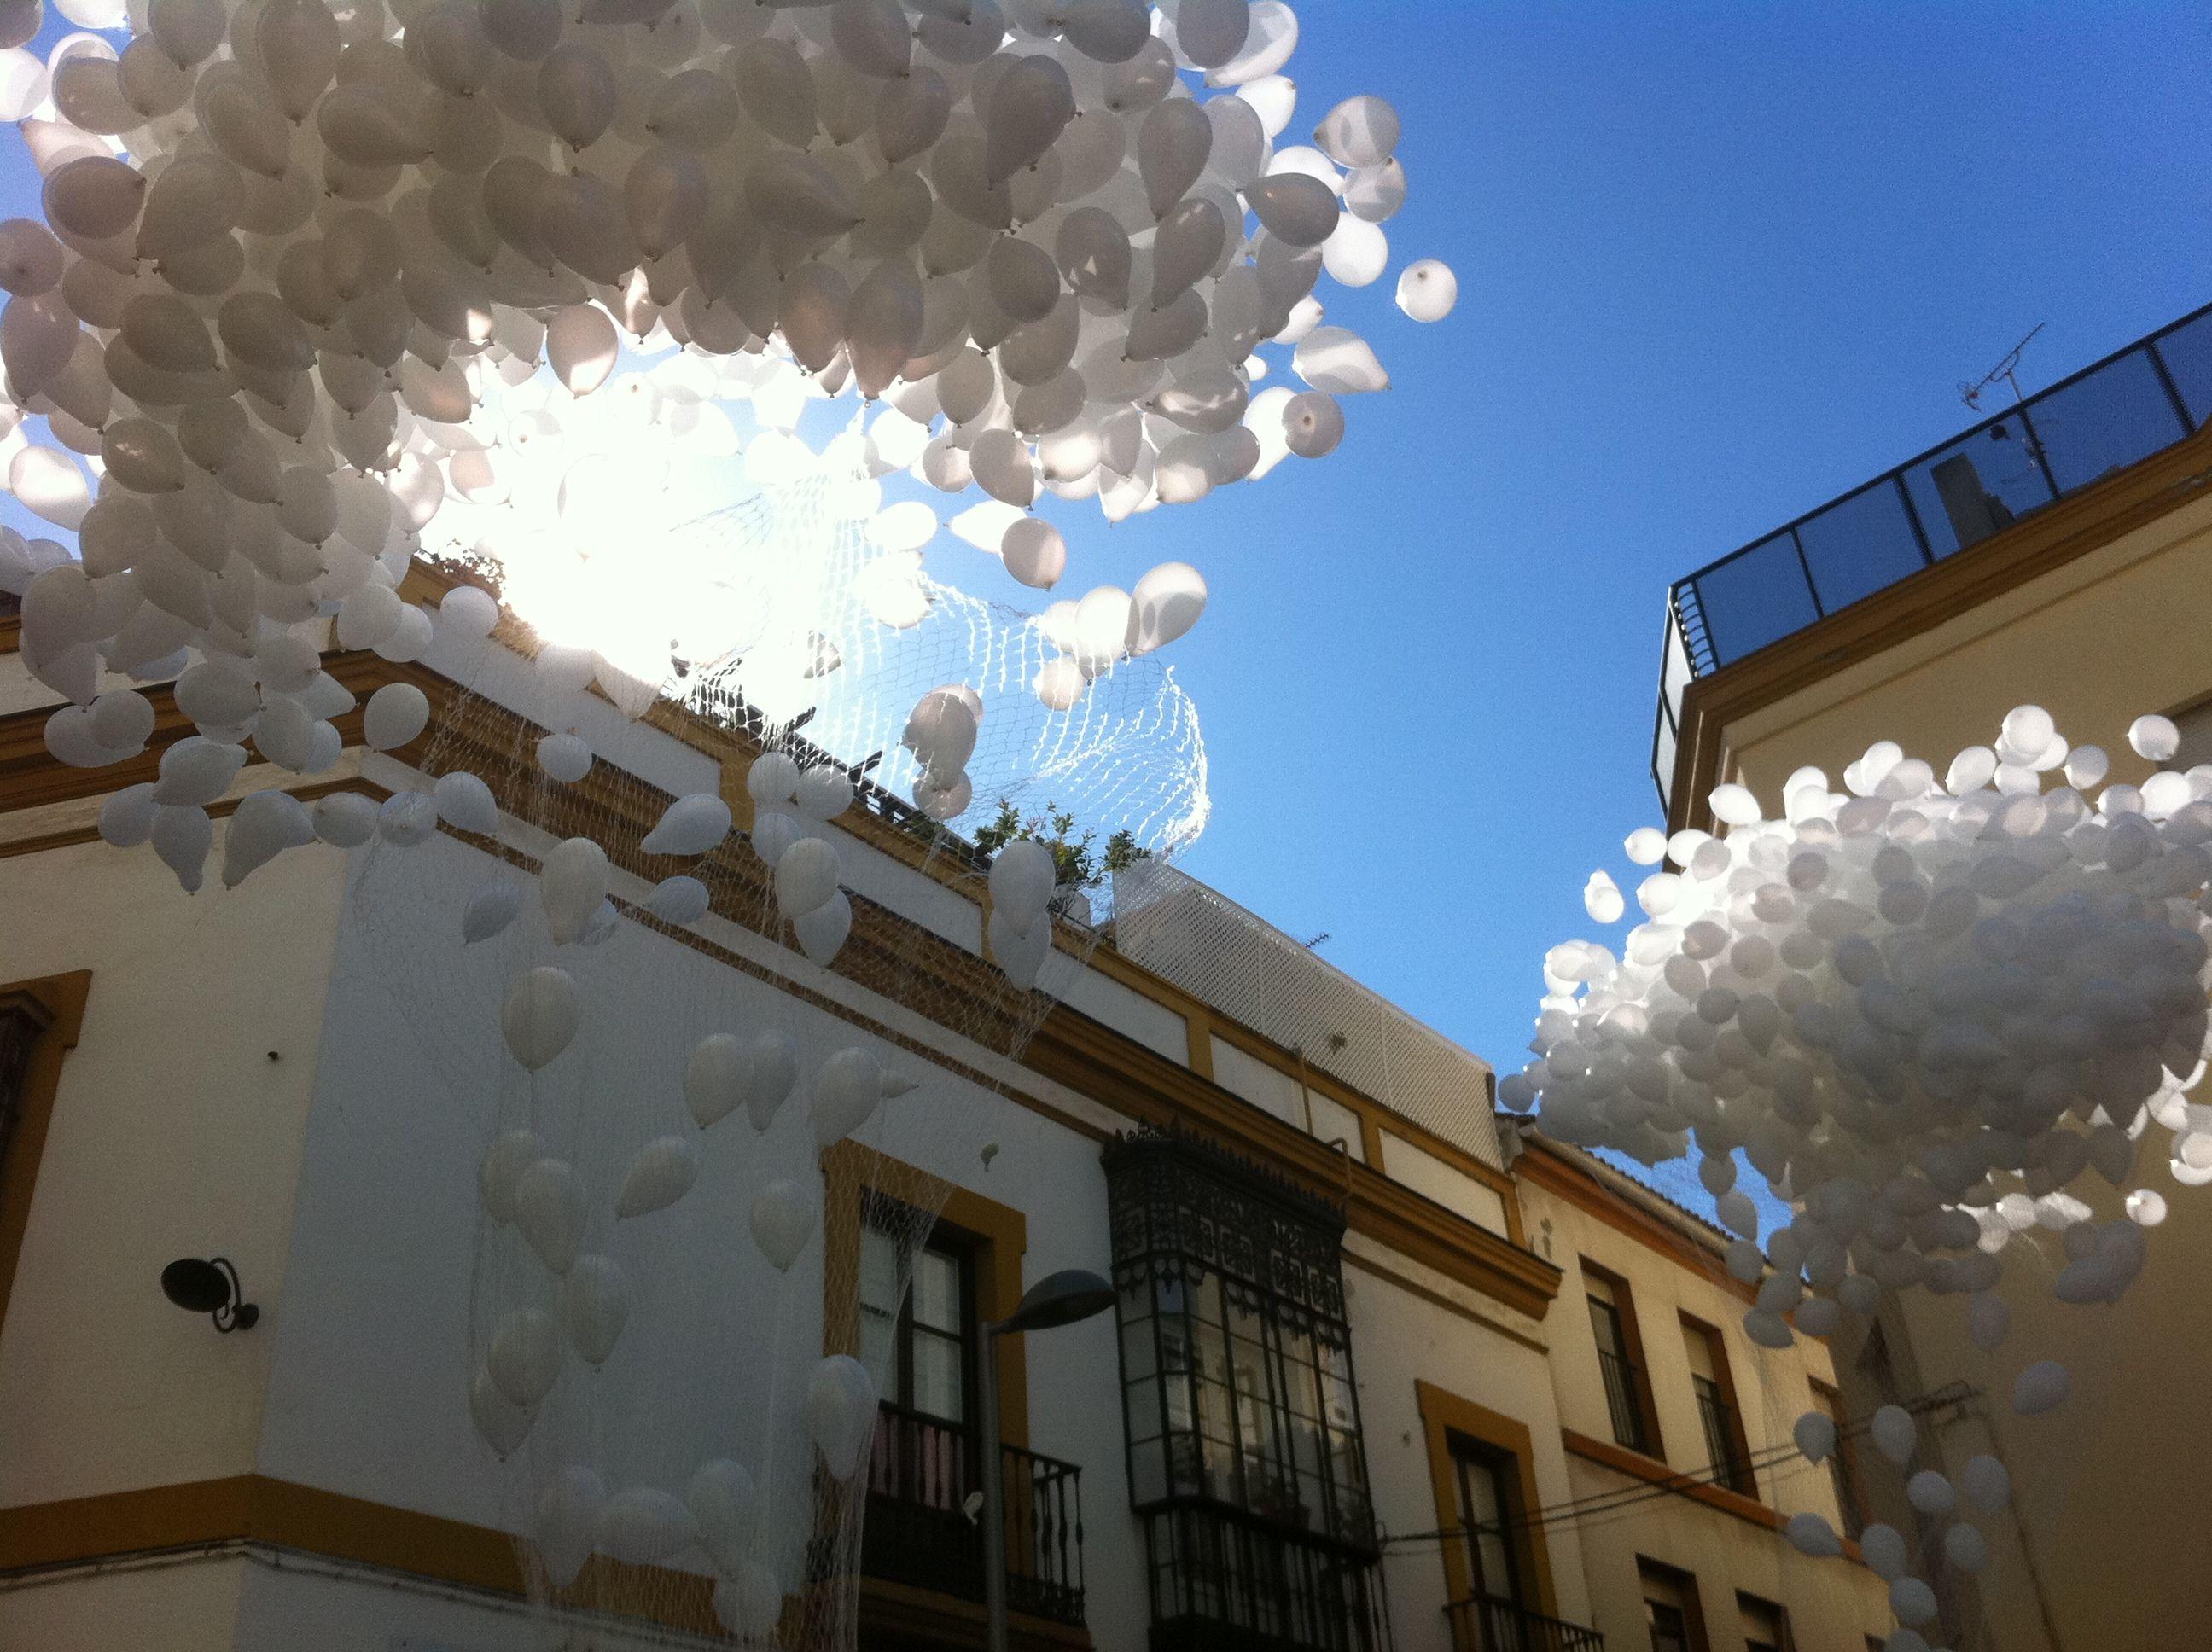 Servicio de suelta de globos en Huelva